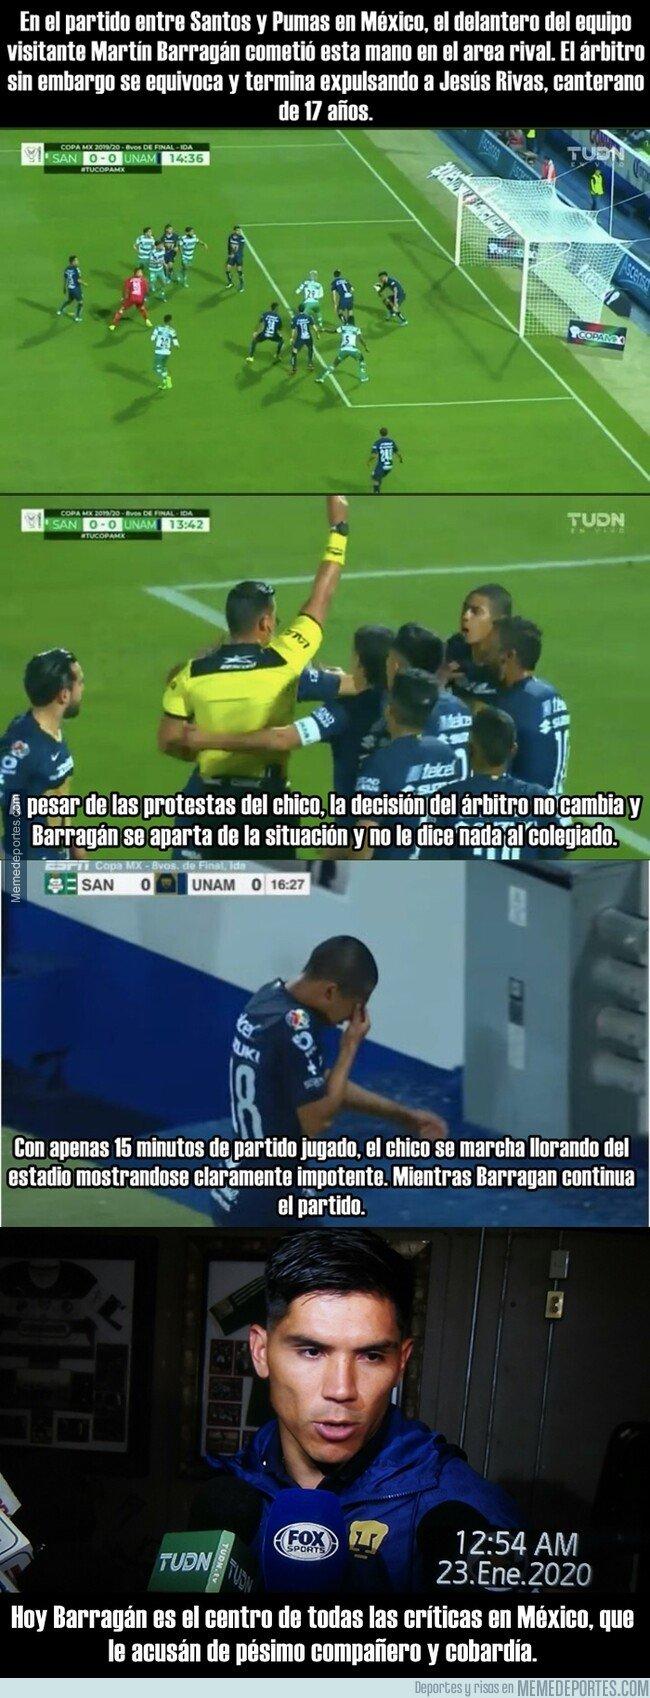 1096599 - Indignación en México por un jugador que dejó que expulsaran a un compañero por su culpa